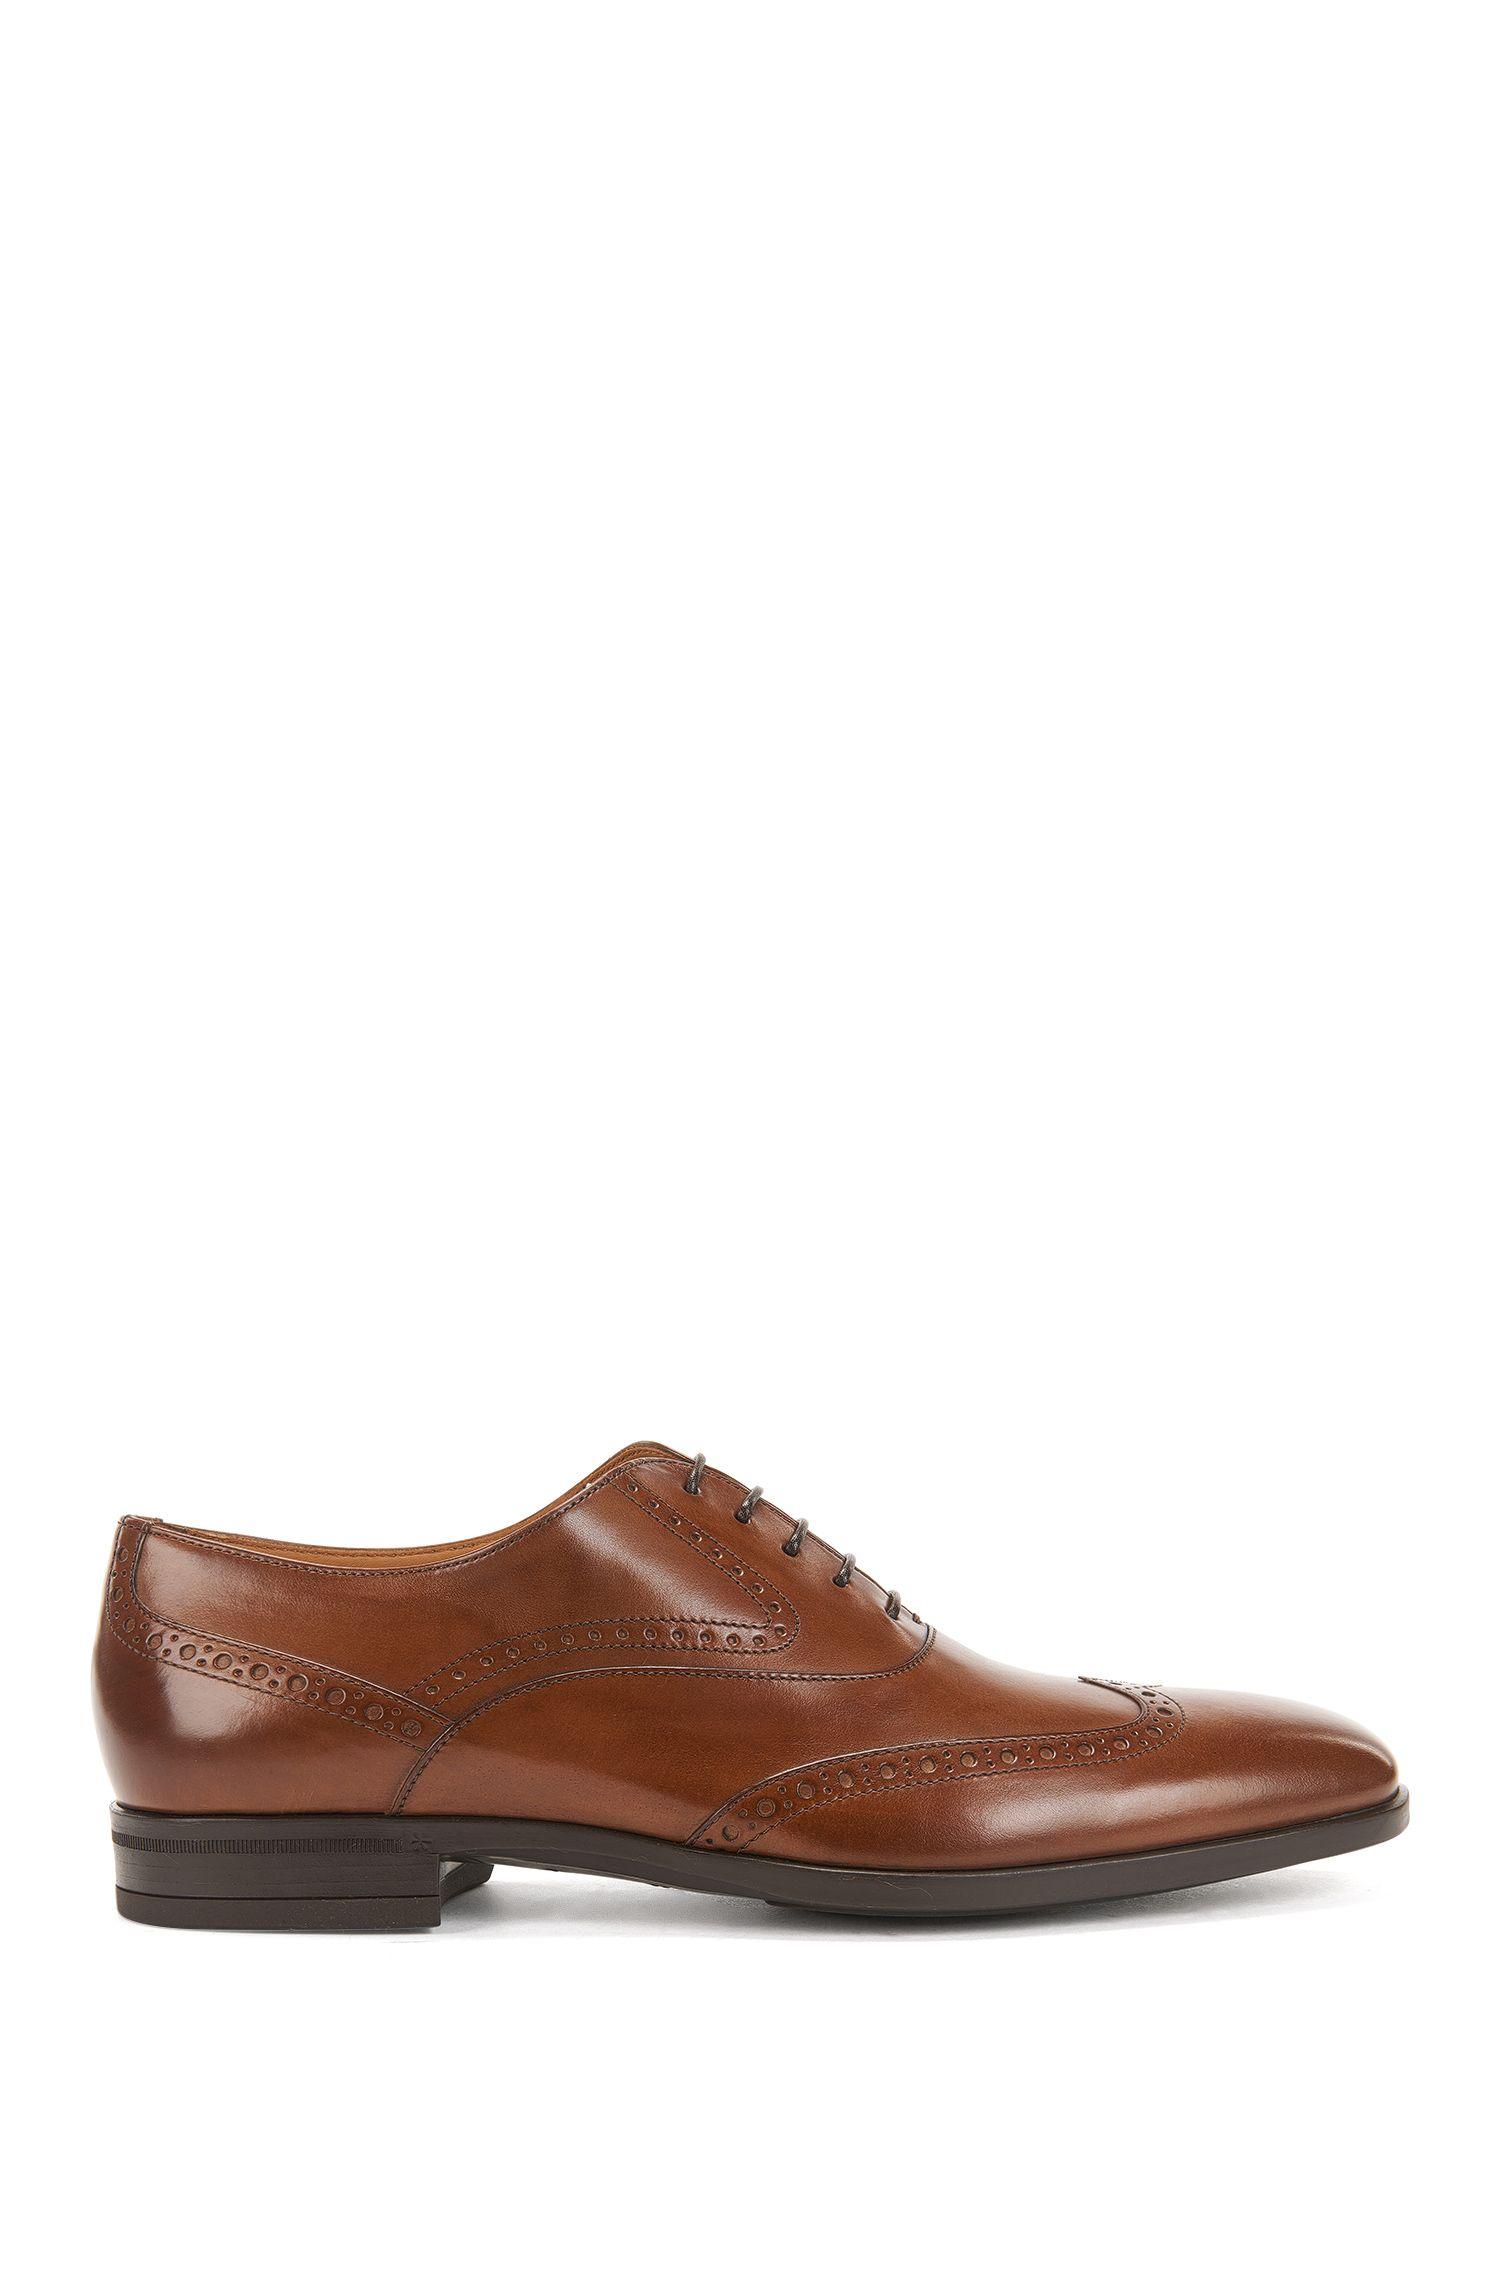 Chaussures Oxford en cuir poli à détails richelieu, confectionnées en Italie